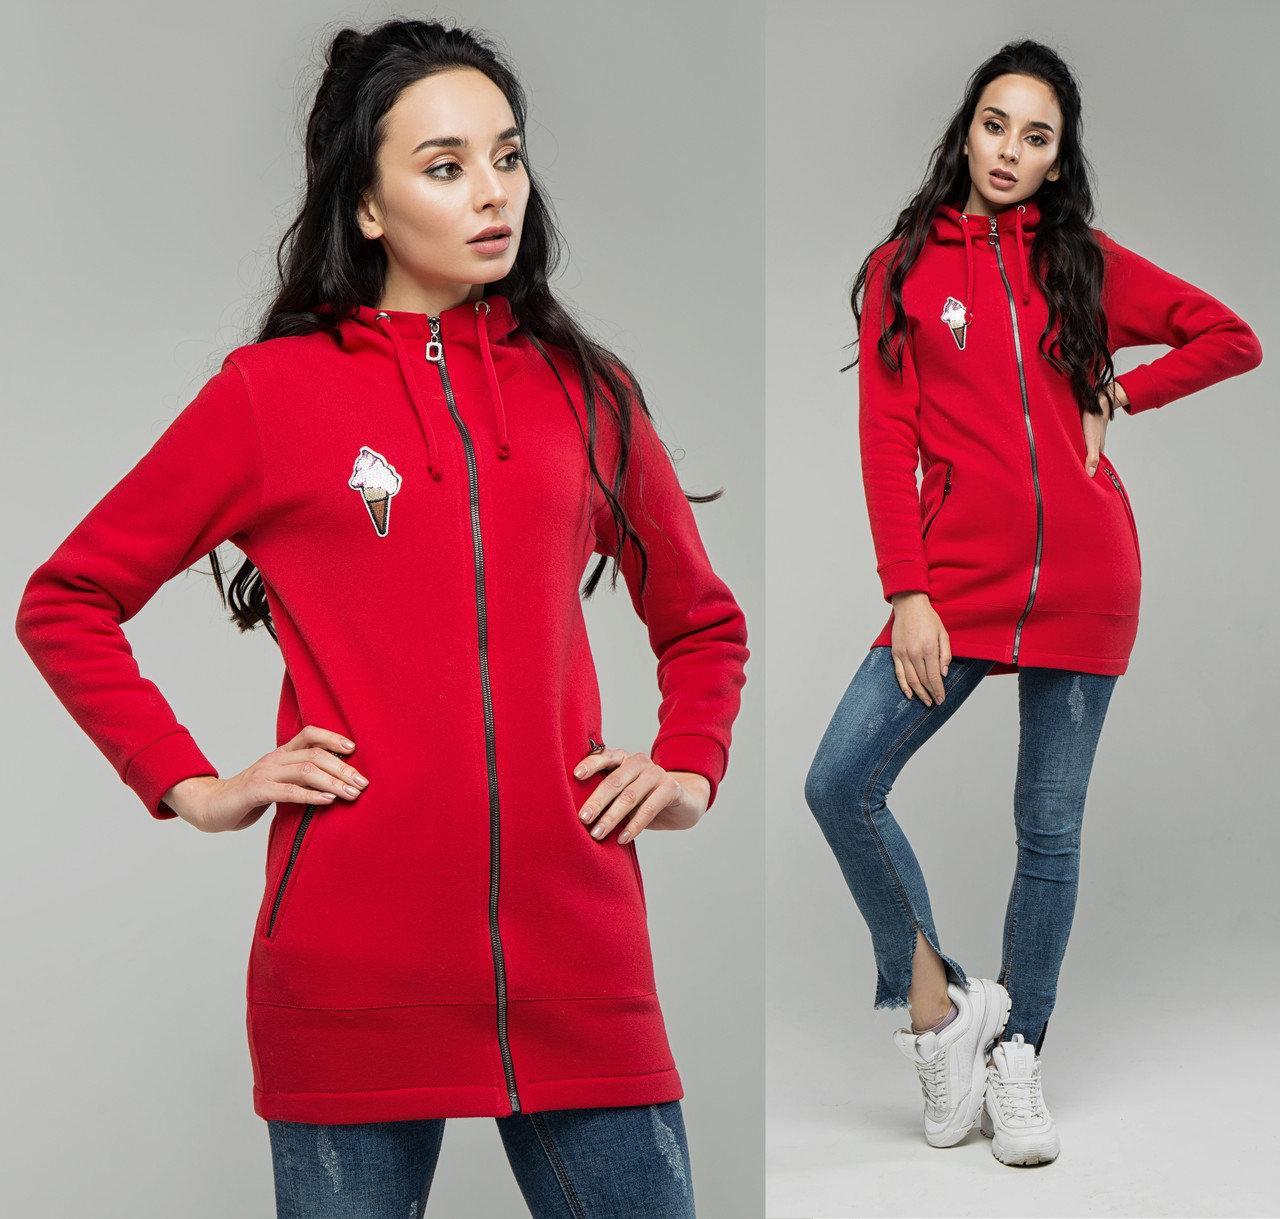 Худи женское с капюшоном, теплая кофта спортивная на флисе, красный